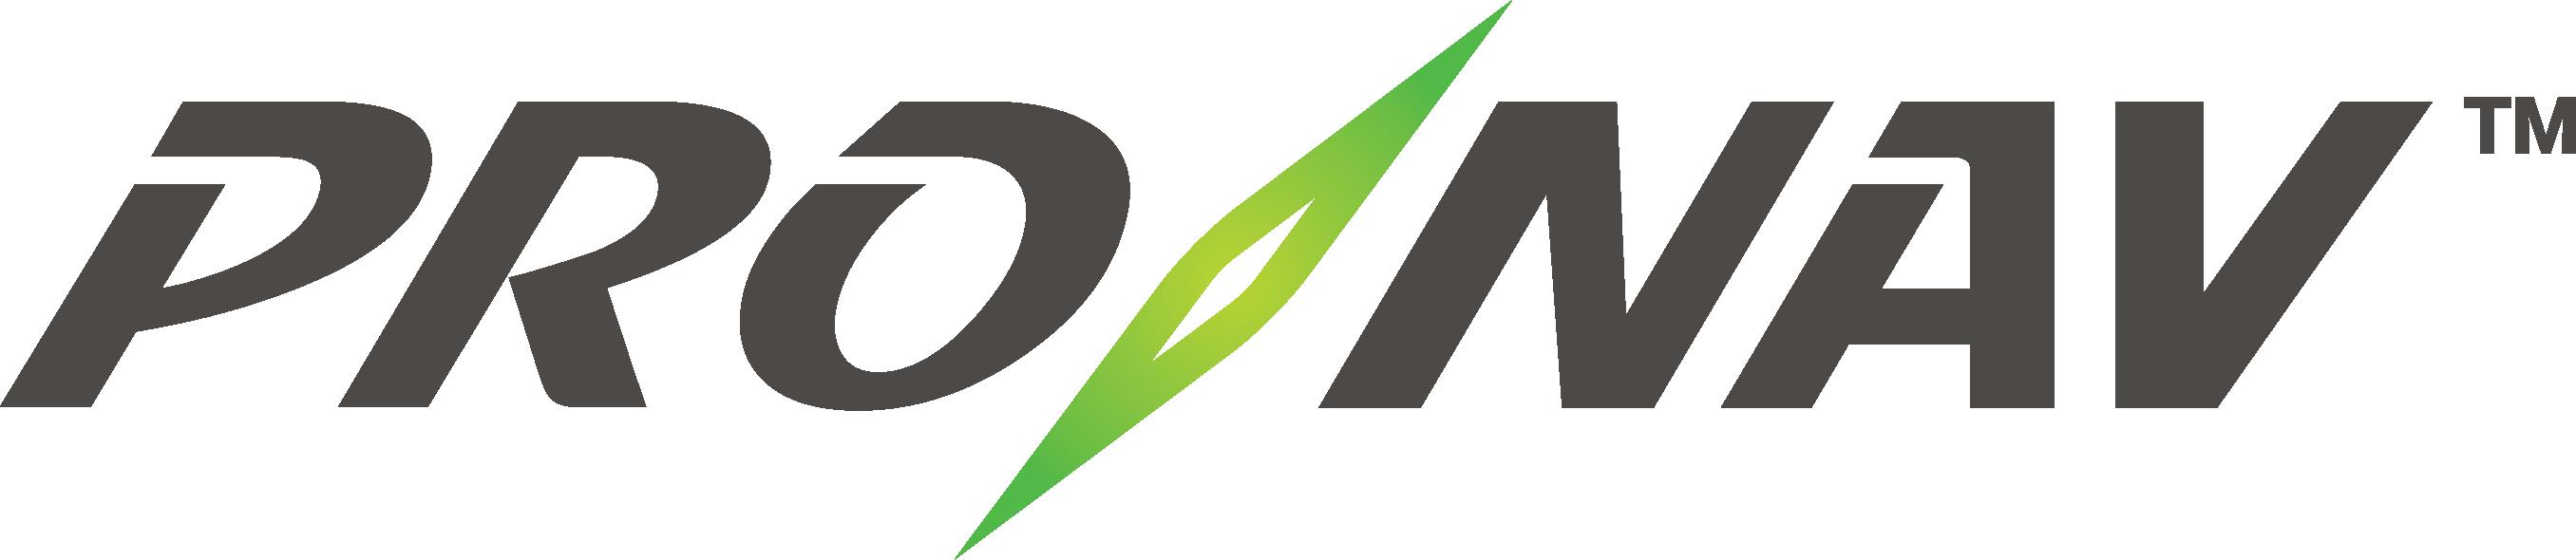 Logotipo do ProNav